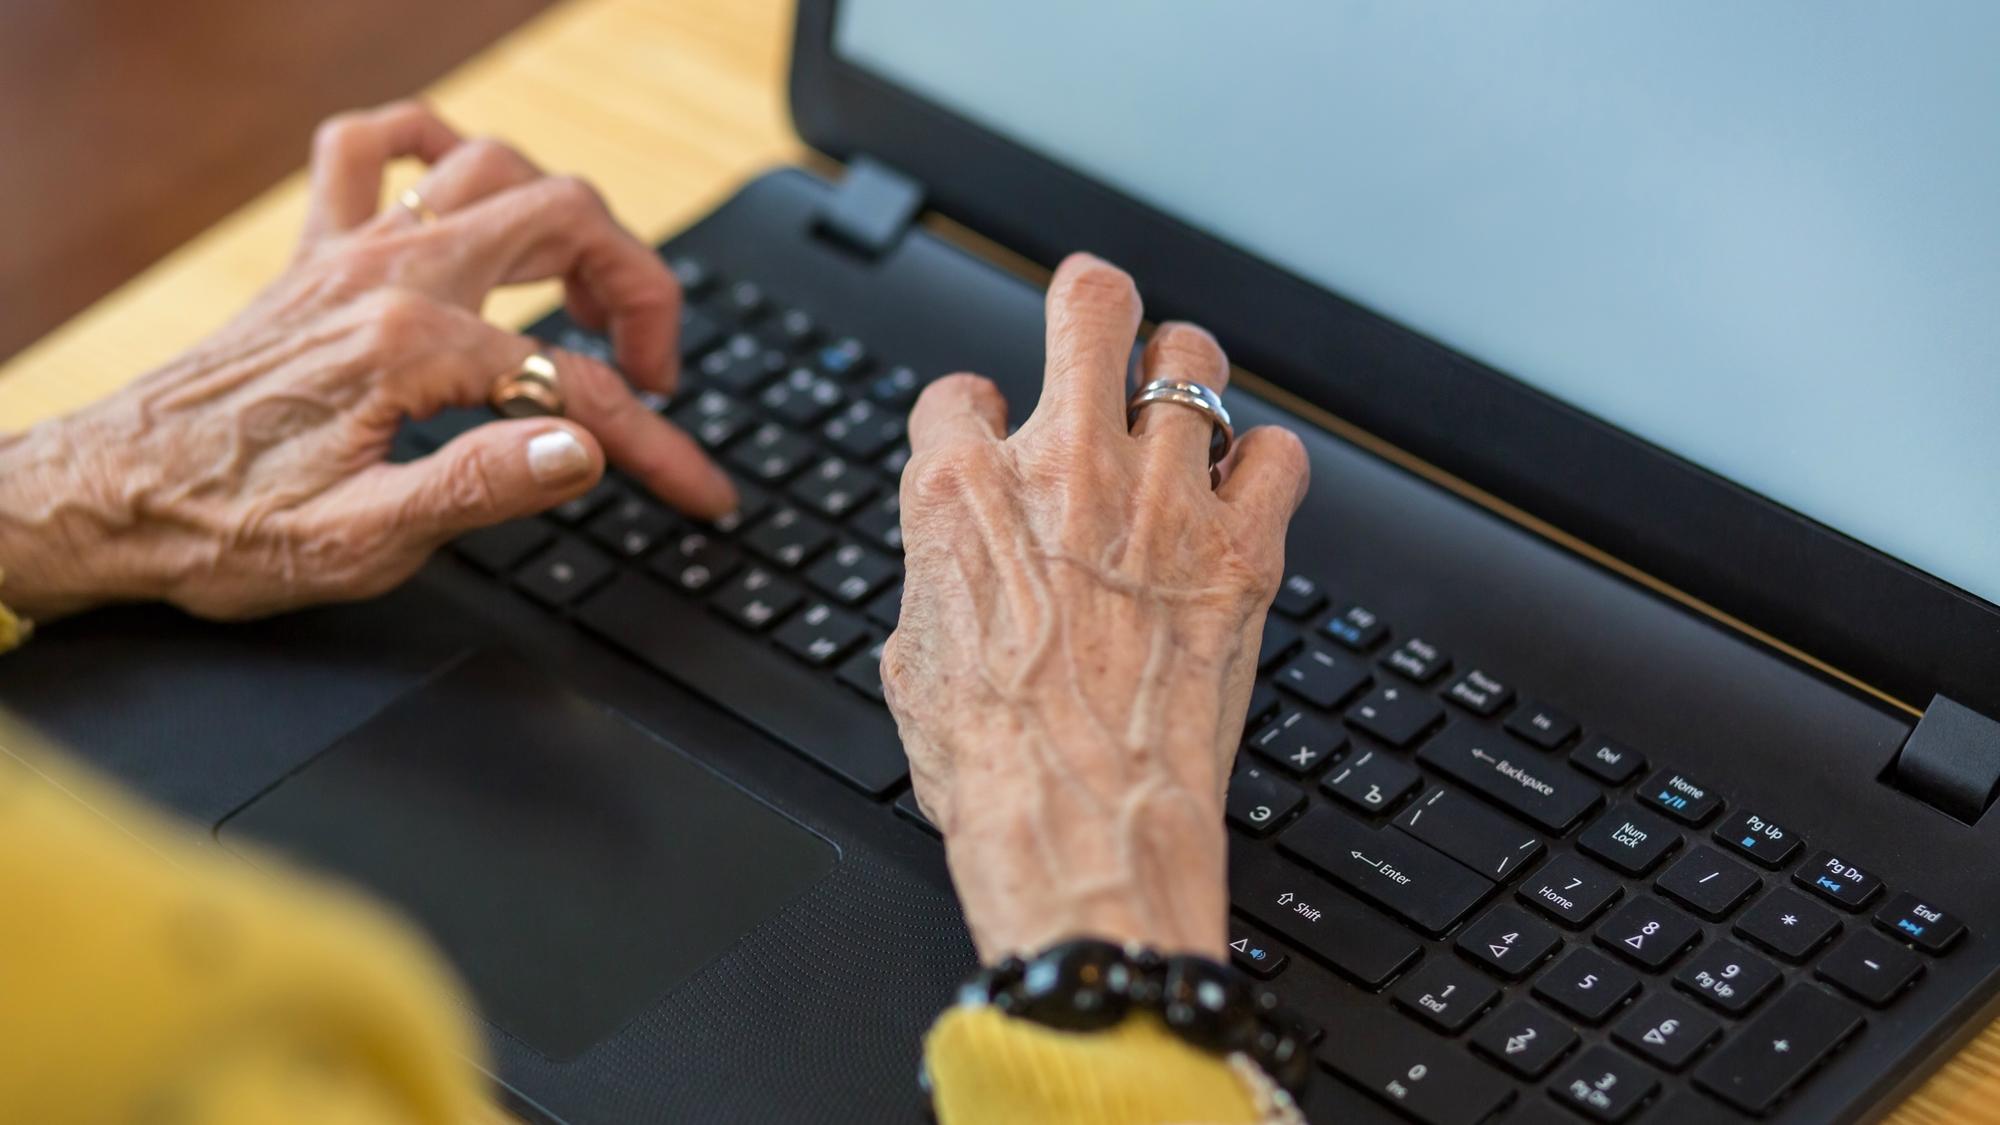 再雇用制度・役職定年も要因…シニア人材の「やる気喪失」問題